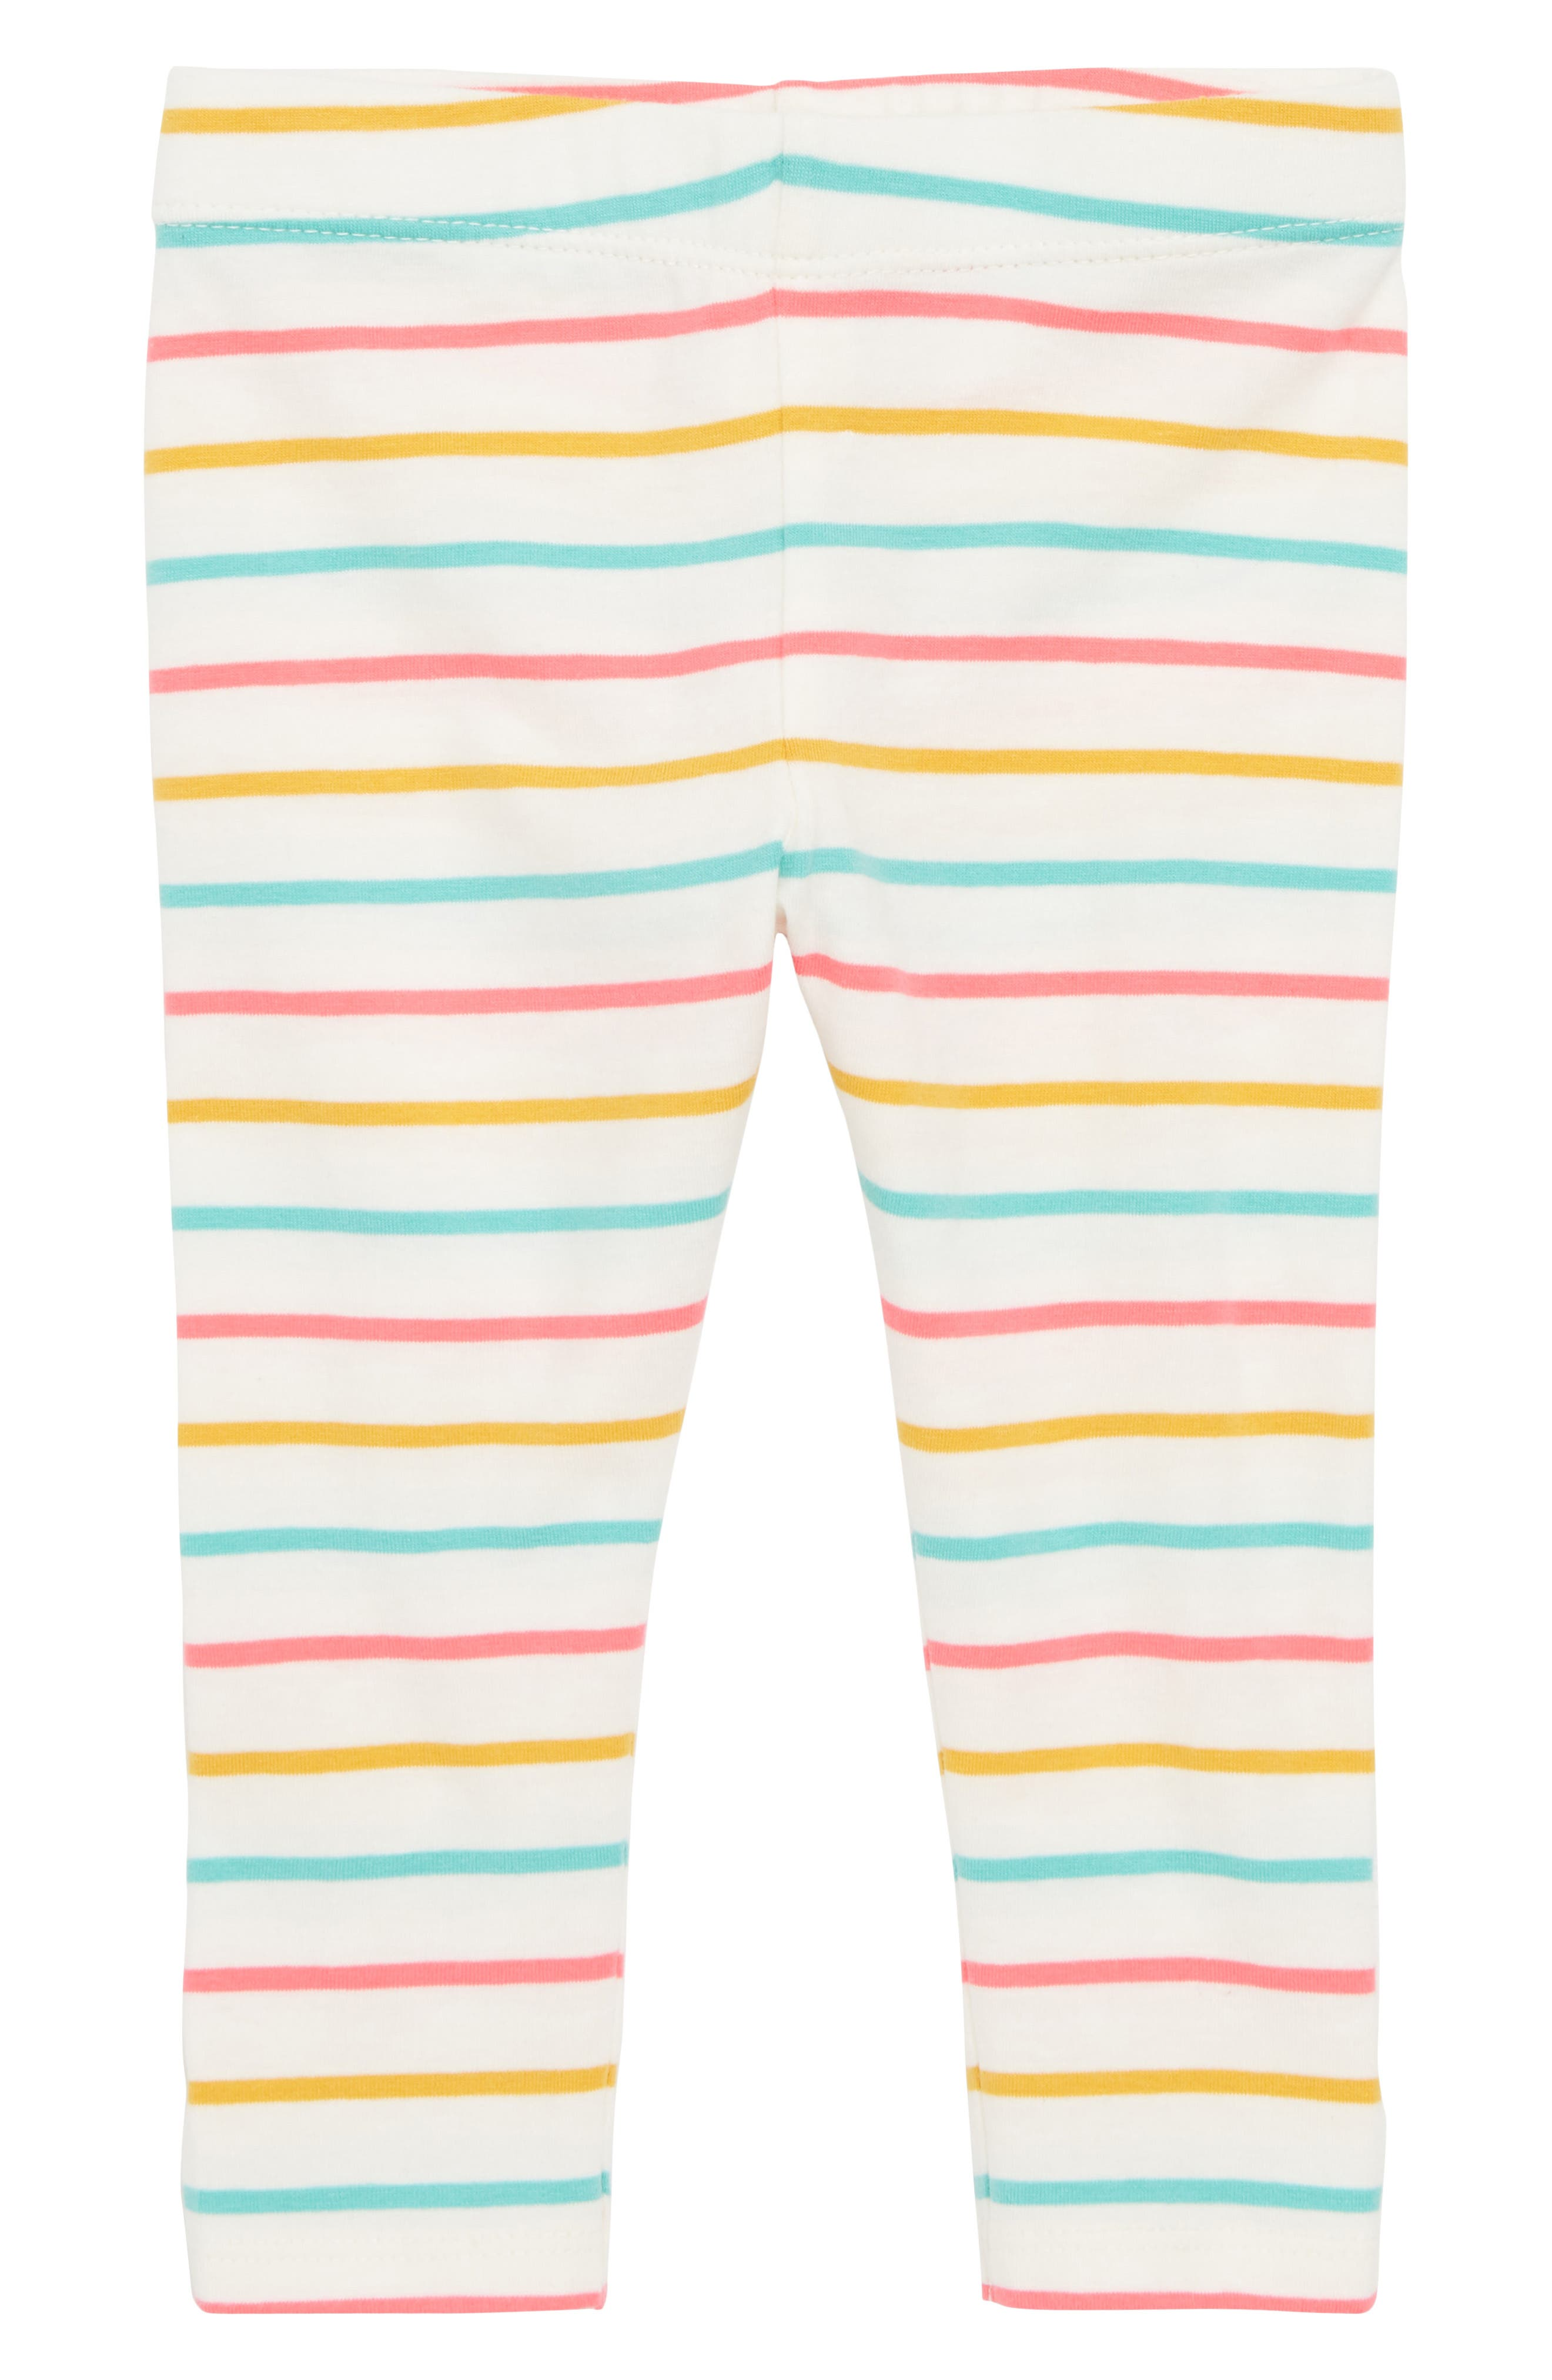 Stripe Leggings,                             Main thumbnail 1, color,                             Ivory Egret Multi Stripe